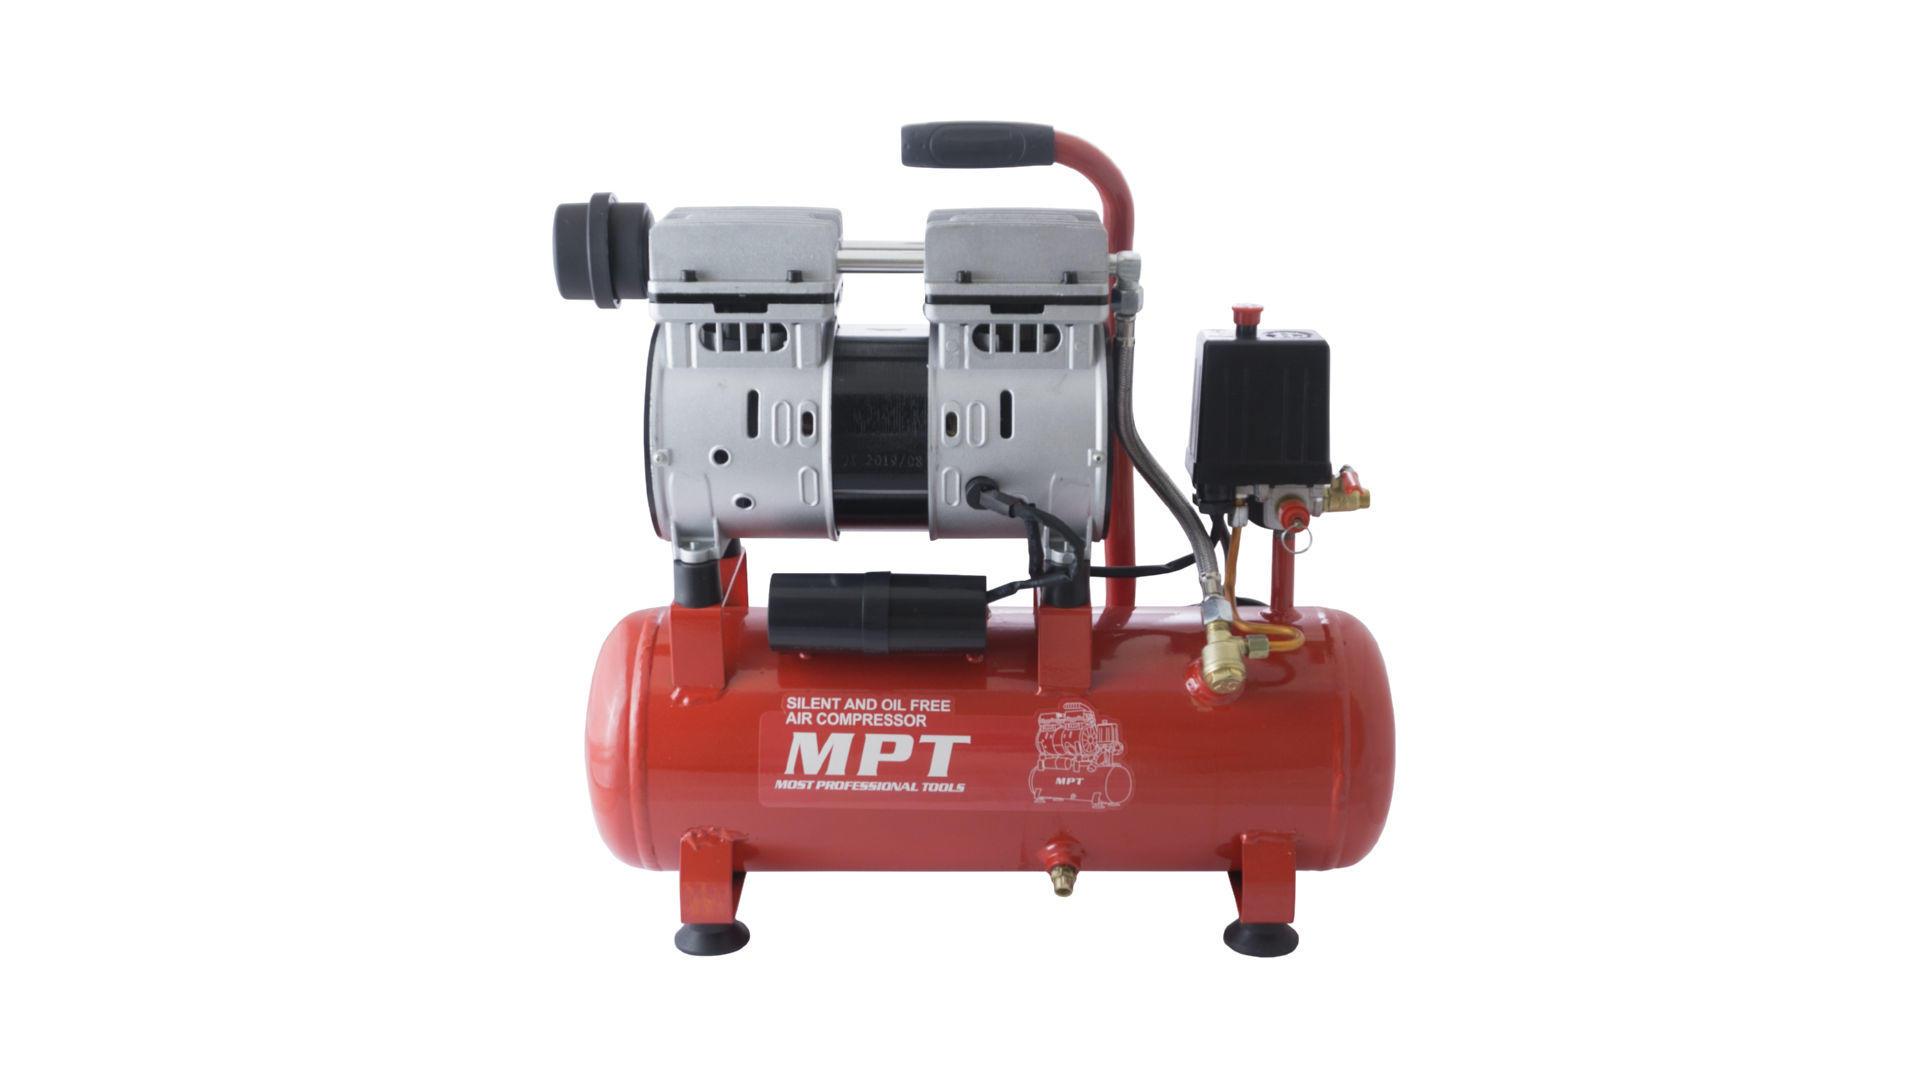 Компрессор безмасляный MPT - 10 л x 600 Вт 4